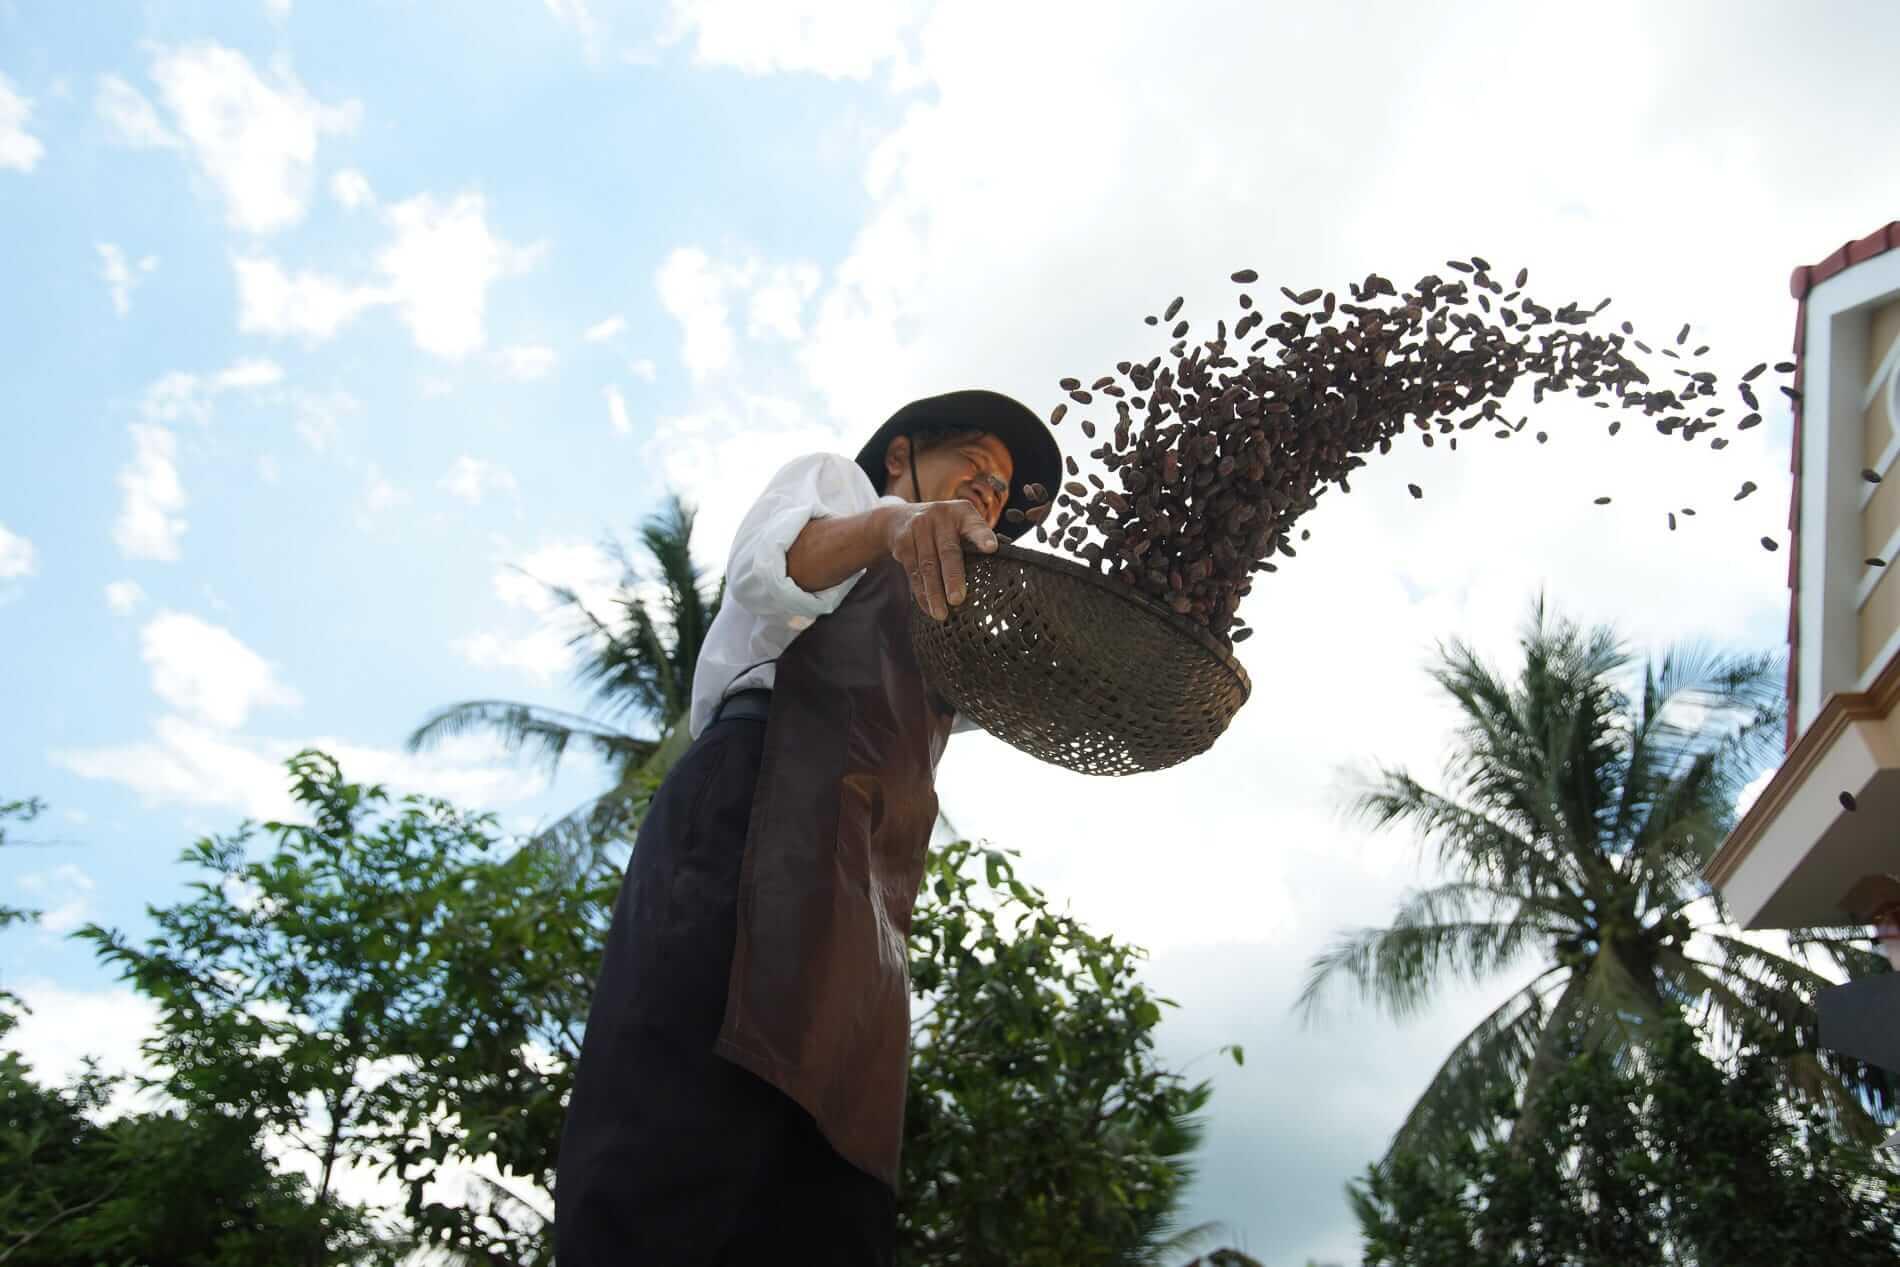 Cocoa farming in Vietnam